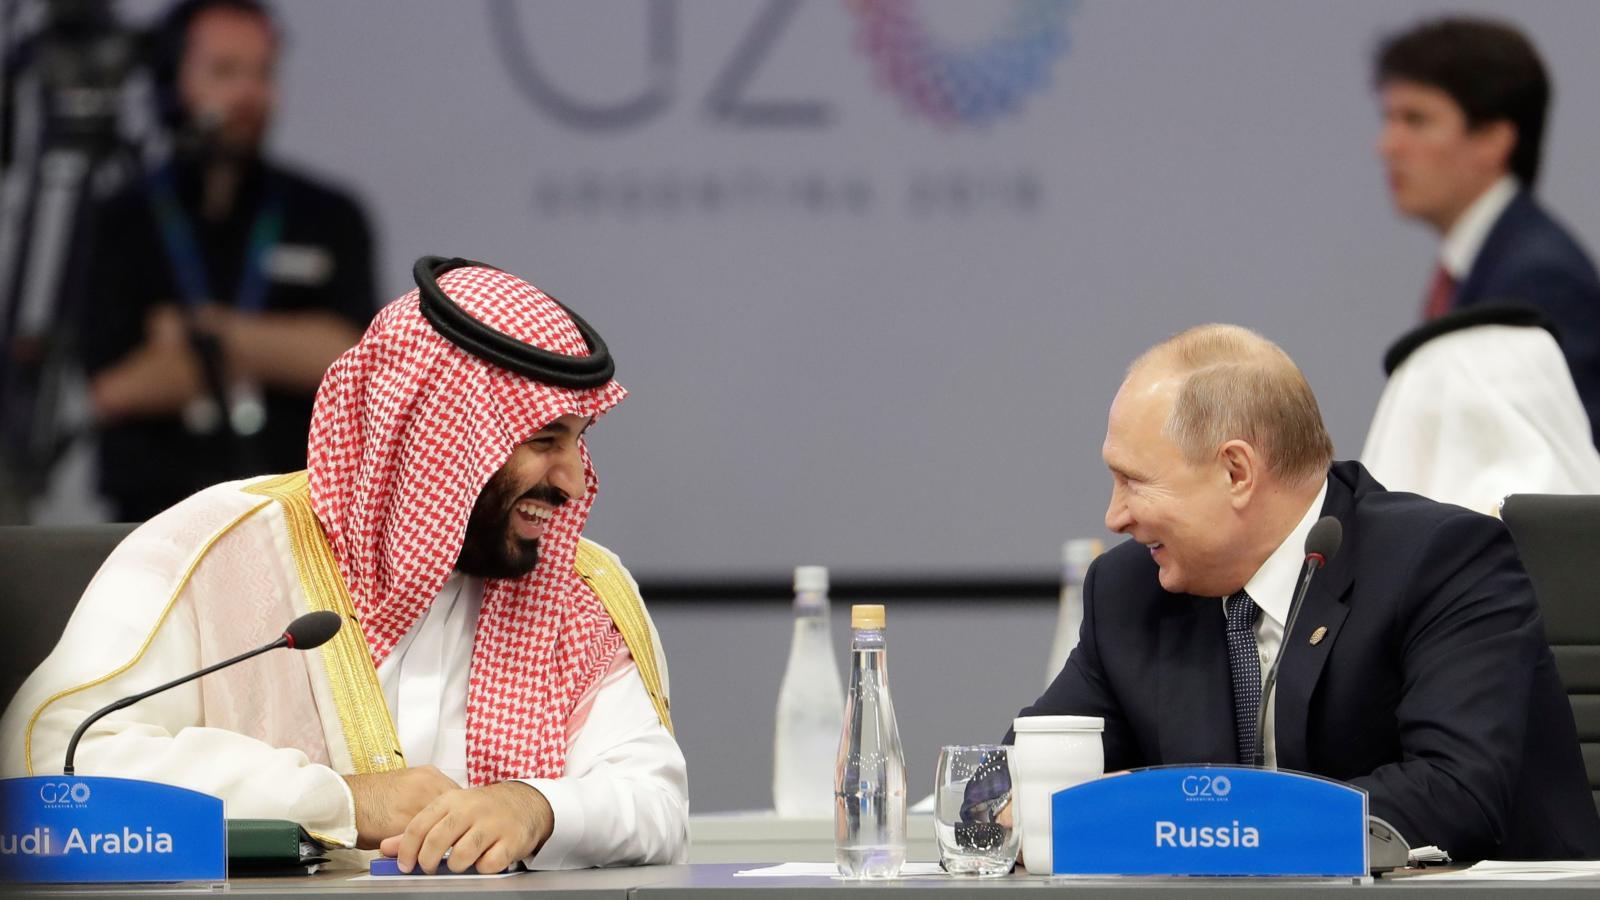 توافق تاریخی کاهش تولید 15.7 میلیون بشکه نفت با اجماع اوپک پلاس و G20/ واکنش ترامپ به توافق کاهش تولید نفت/ آیا نفت به 40 دلار می رسد؟